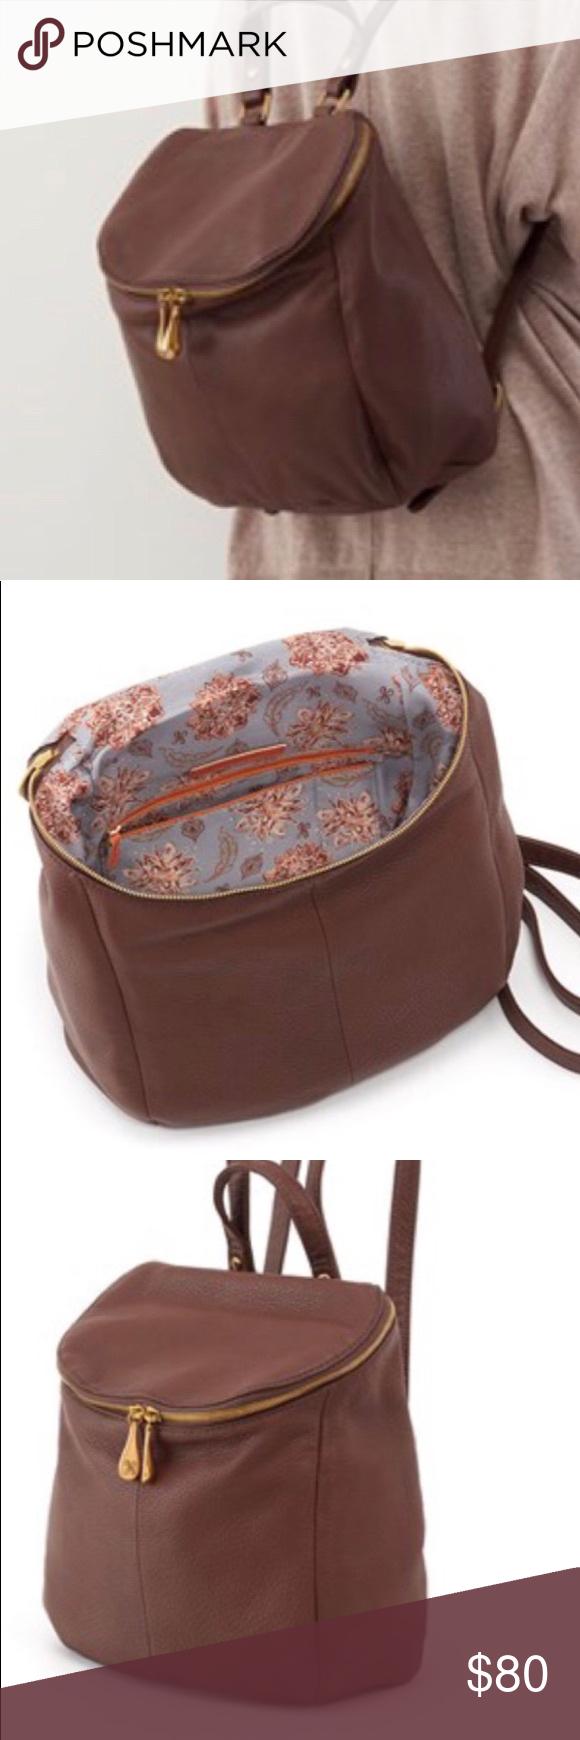 Hobo River Backpack Super cute backpack tan leather - called River. HOBO  Bags Backpacks 7fdb686319